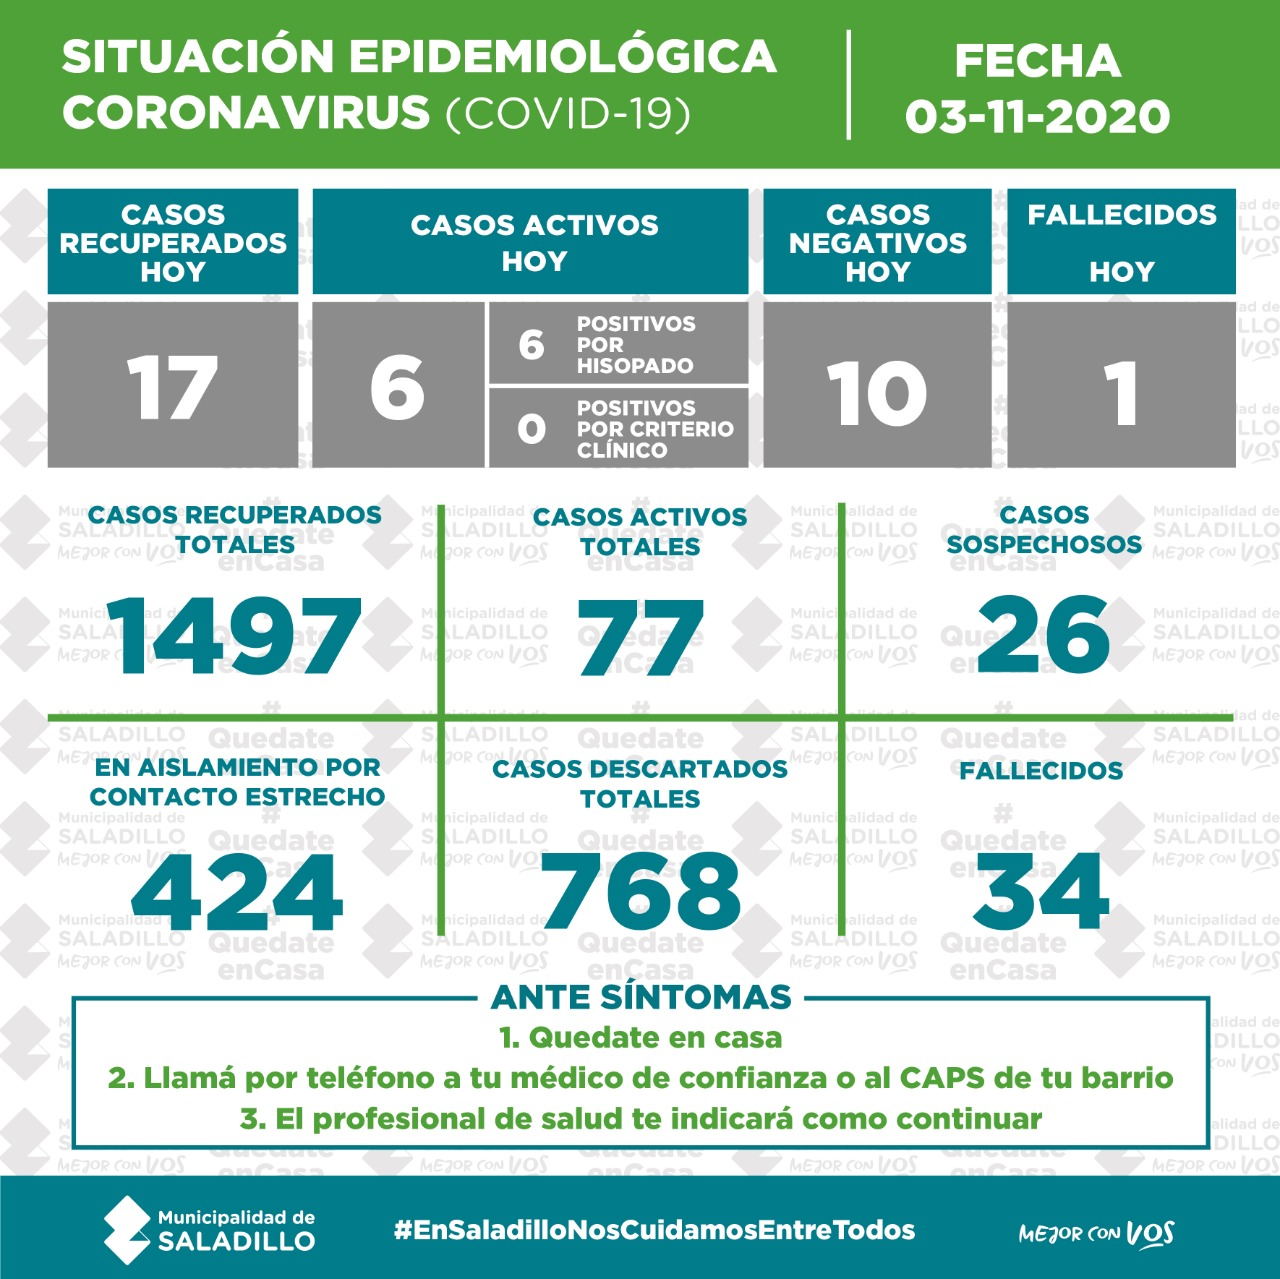 SITUACIÓN EPIDEMIOLÓGICA EN SALADILLO